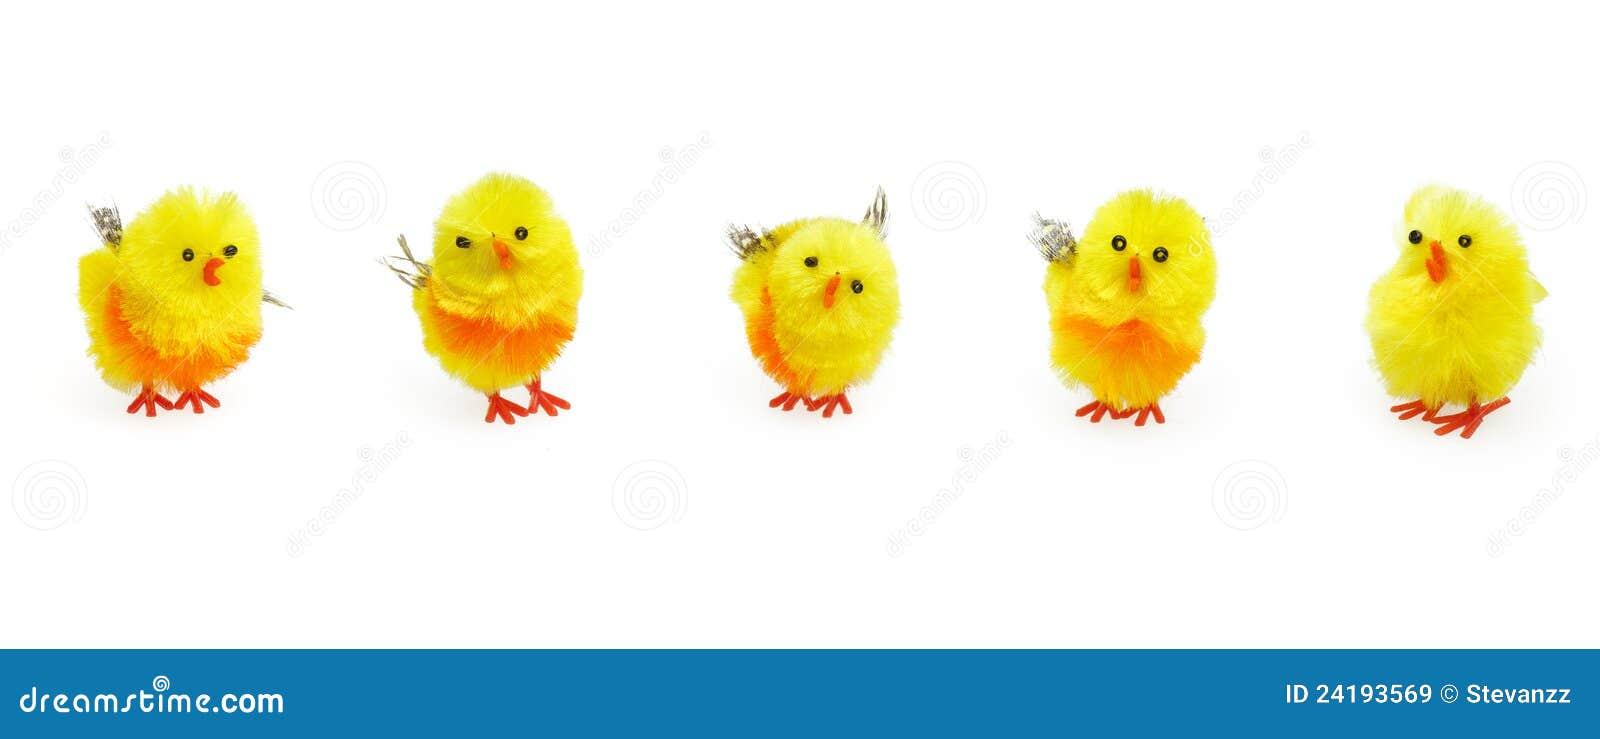 De leuke gele kuikens van pasen voor seizoengebonden decoratie royalty vrije stock afbeeldingen - Decoratie geel ...